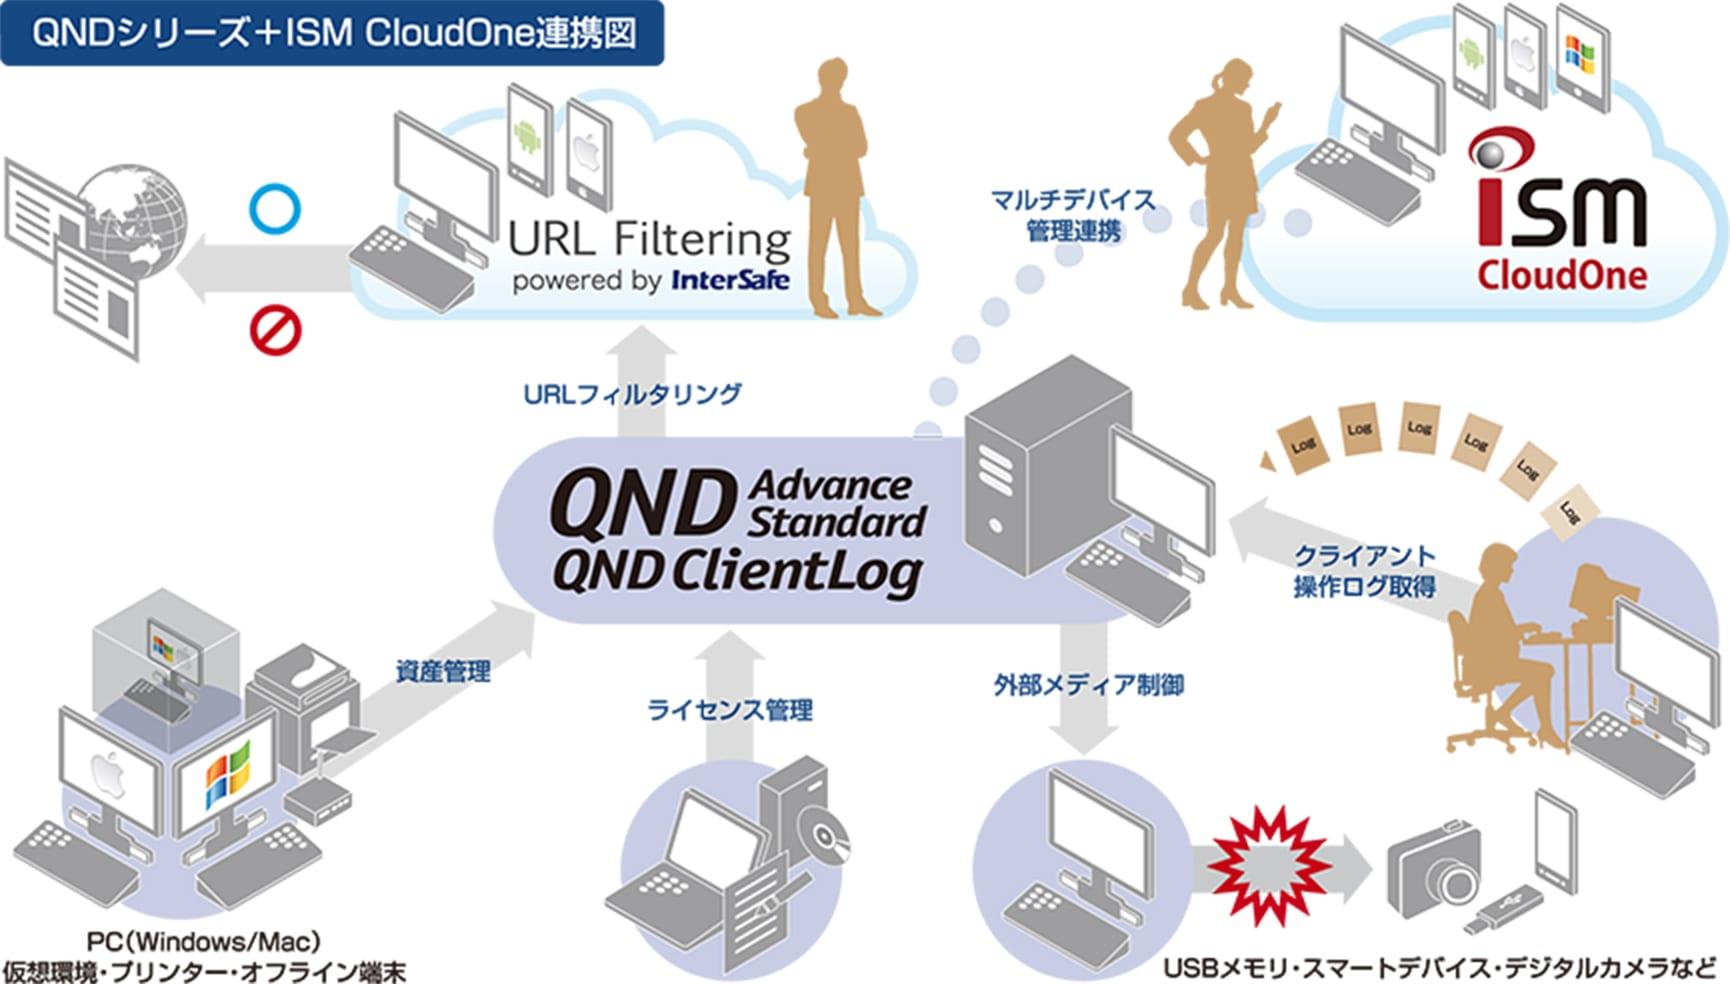 QNDシリーズ + ISM CloudOne連携図